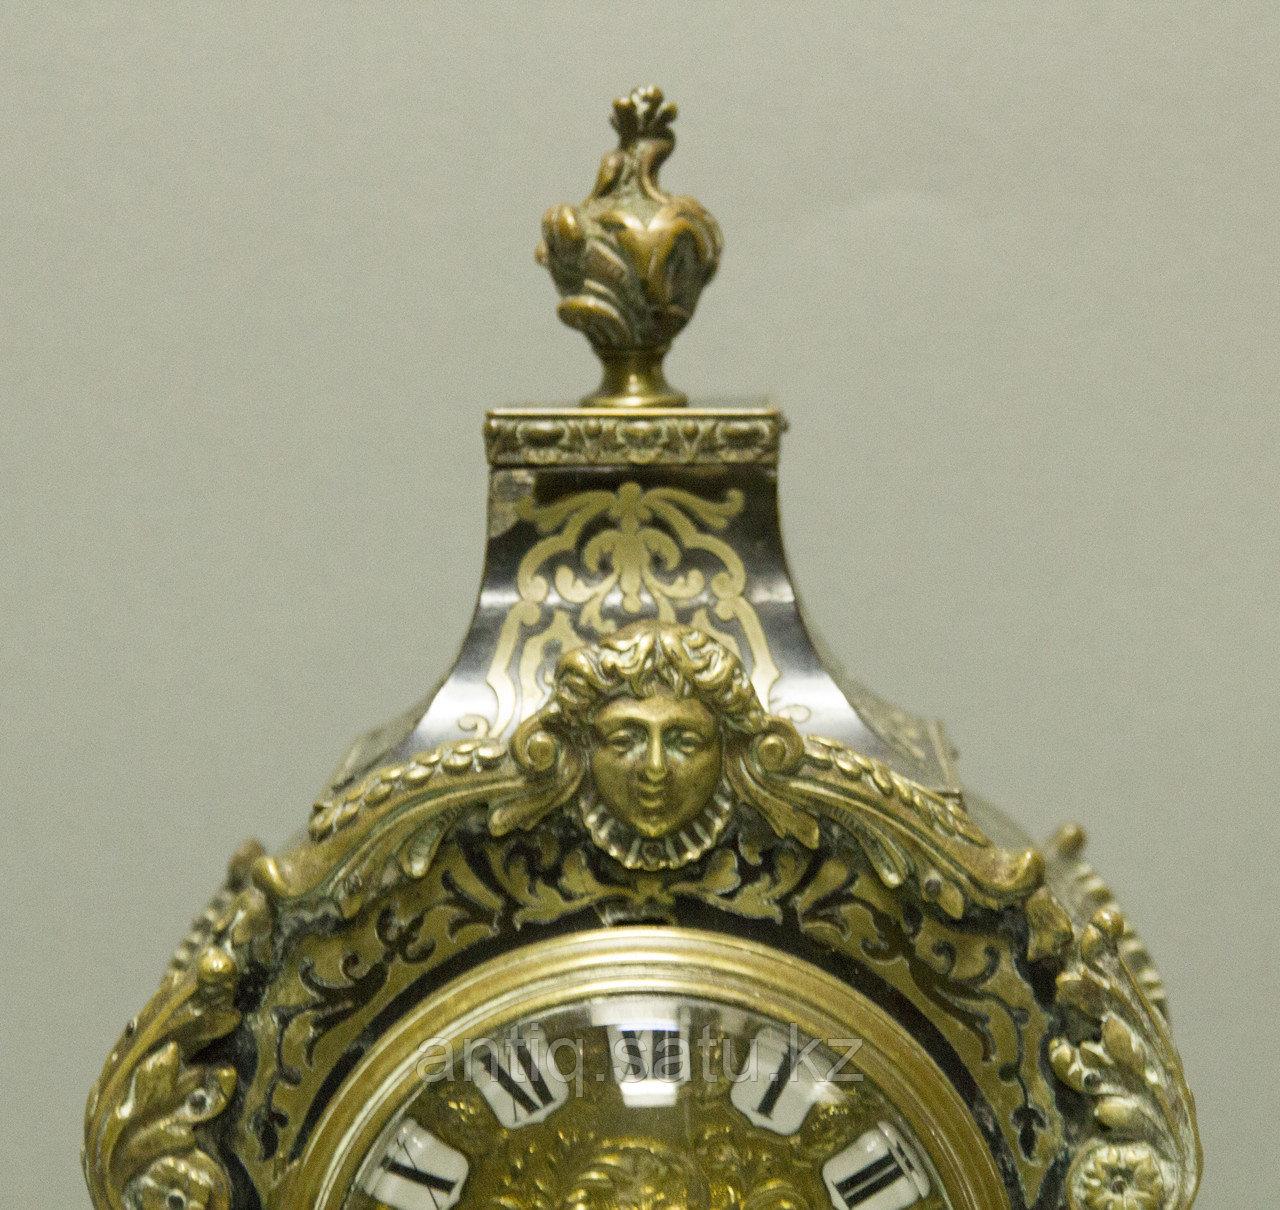 Кабинетные часы в стиле Людовика XIV - фото 2